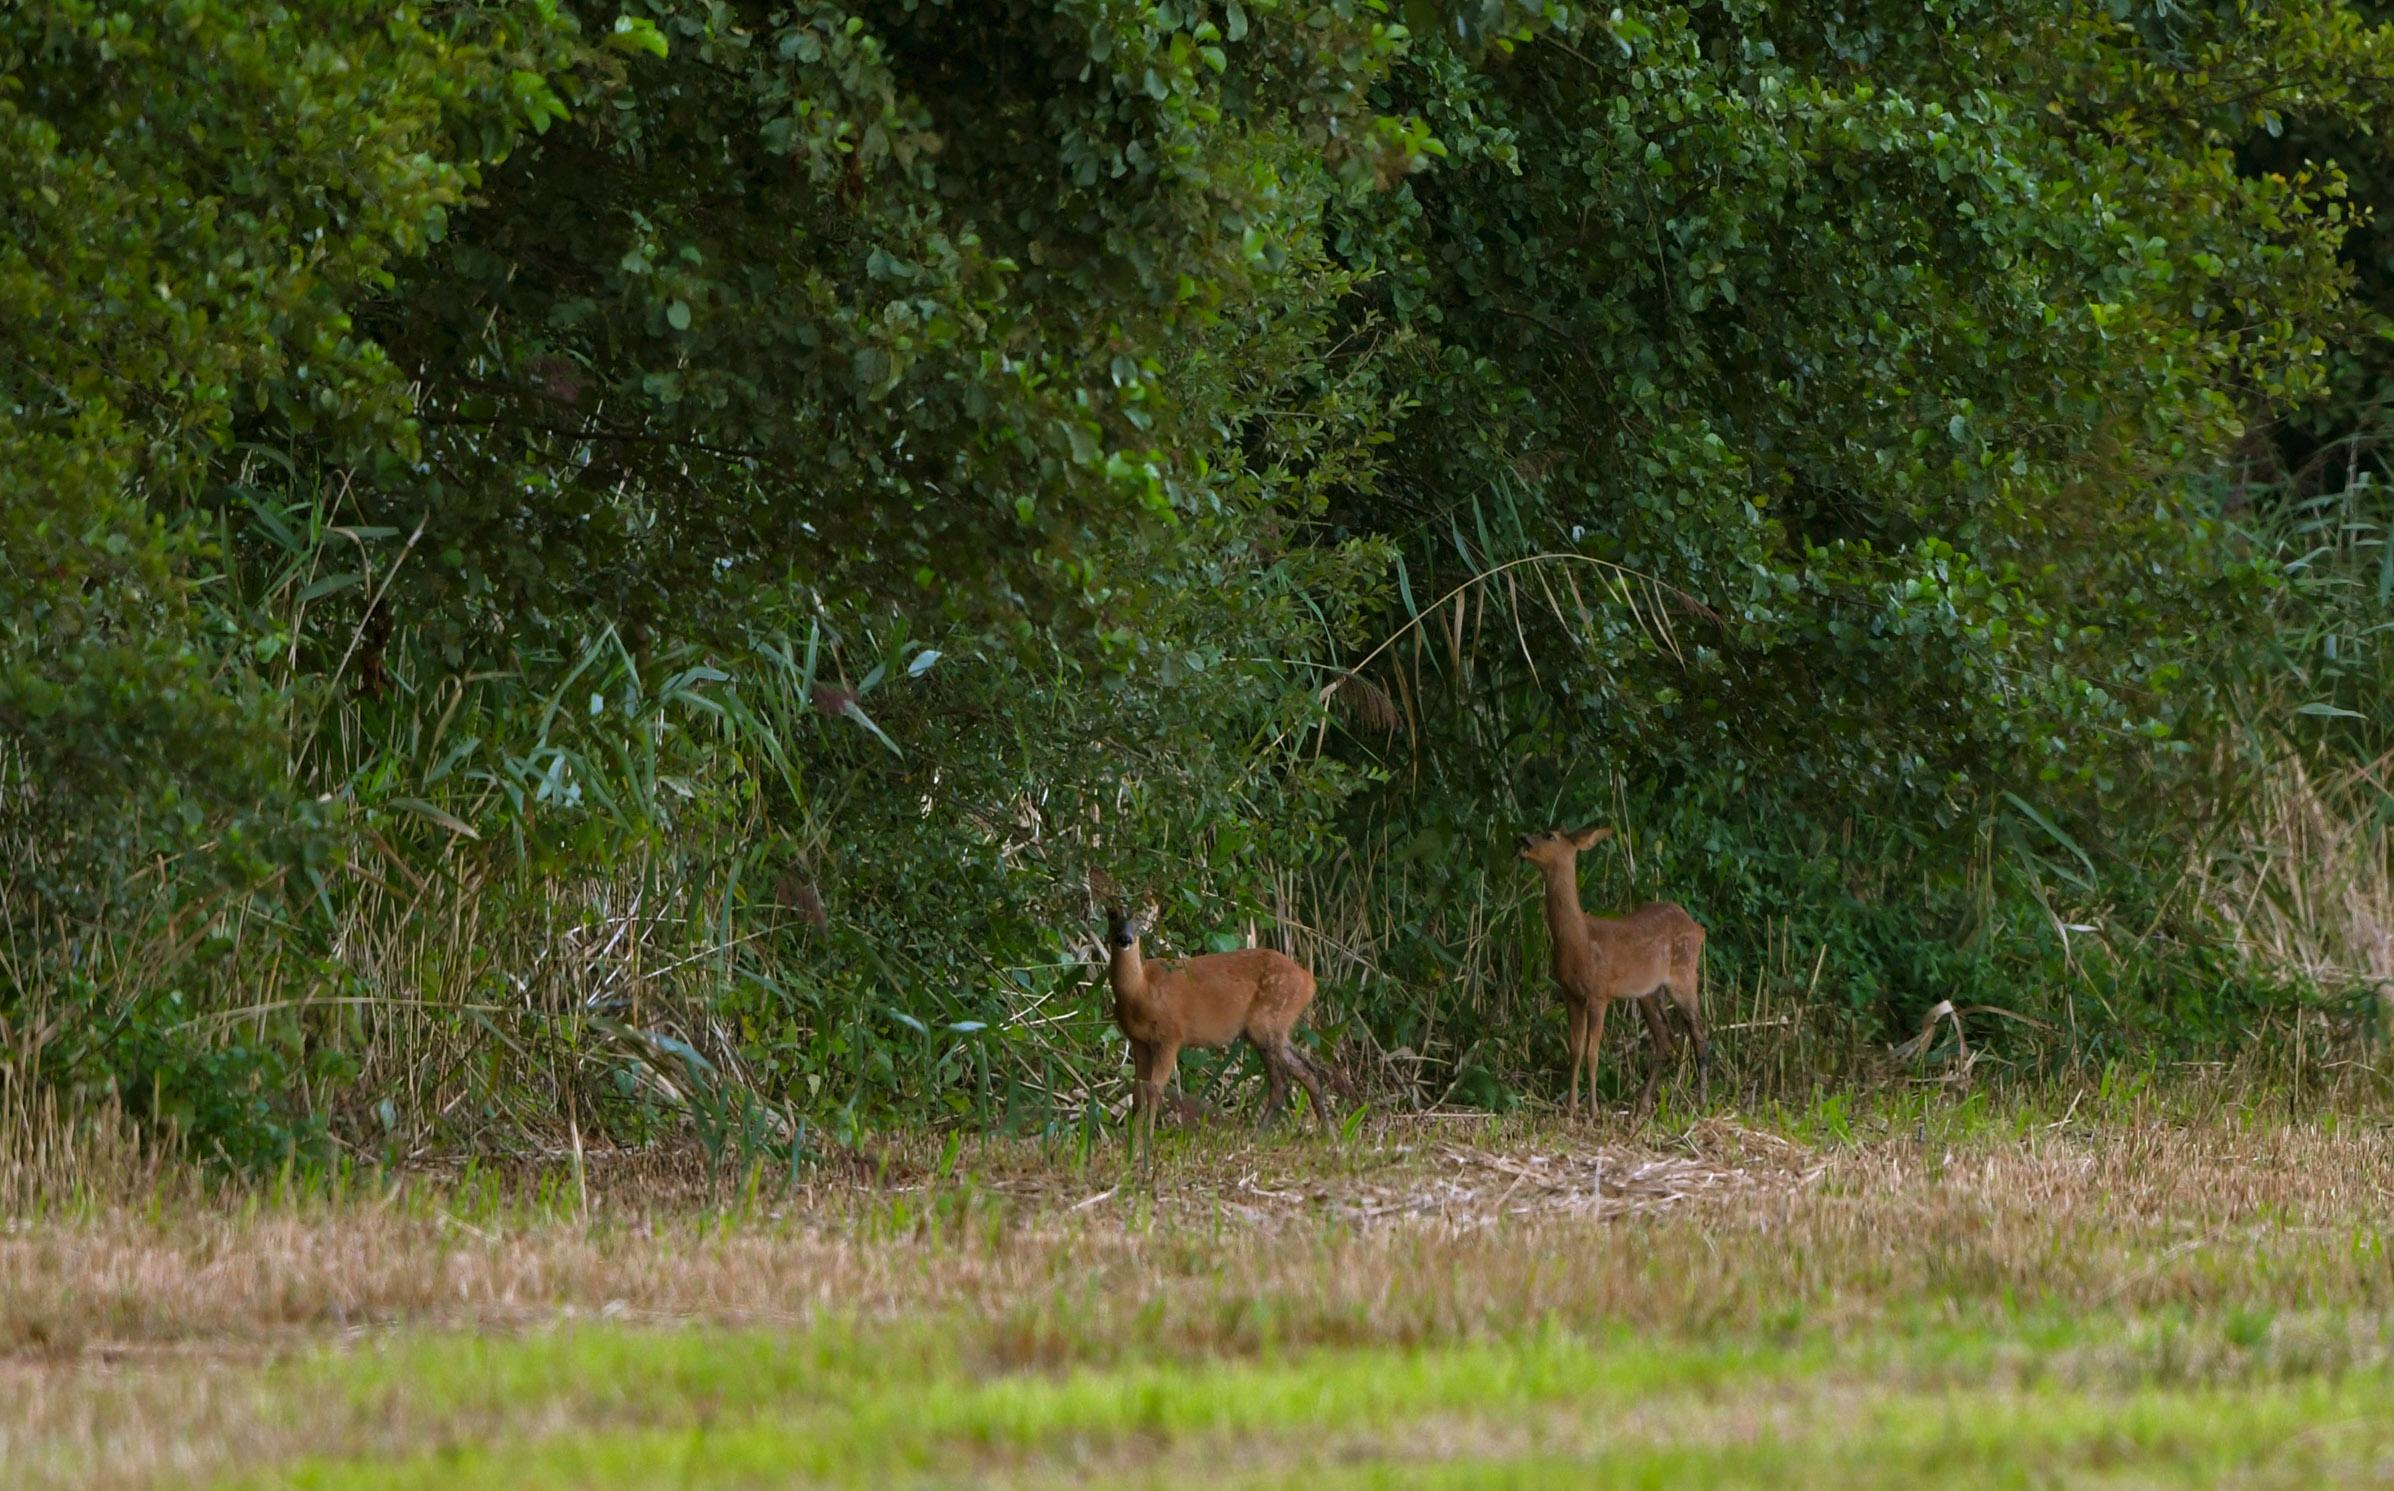 De twee reekalveren proberen langs de bosrand nog wat groen te verorberen – Foto: © Louis Fraanje